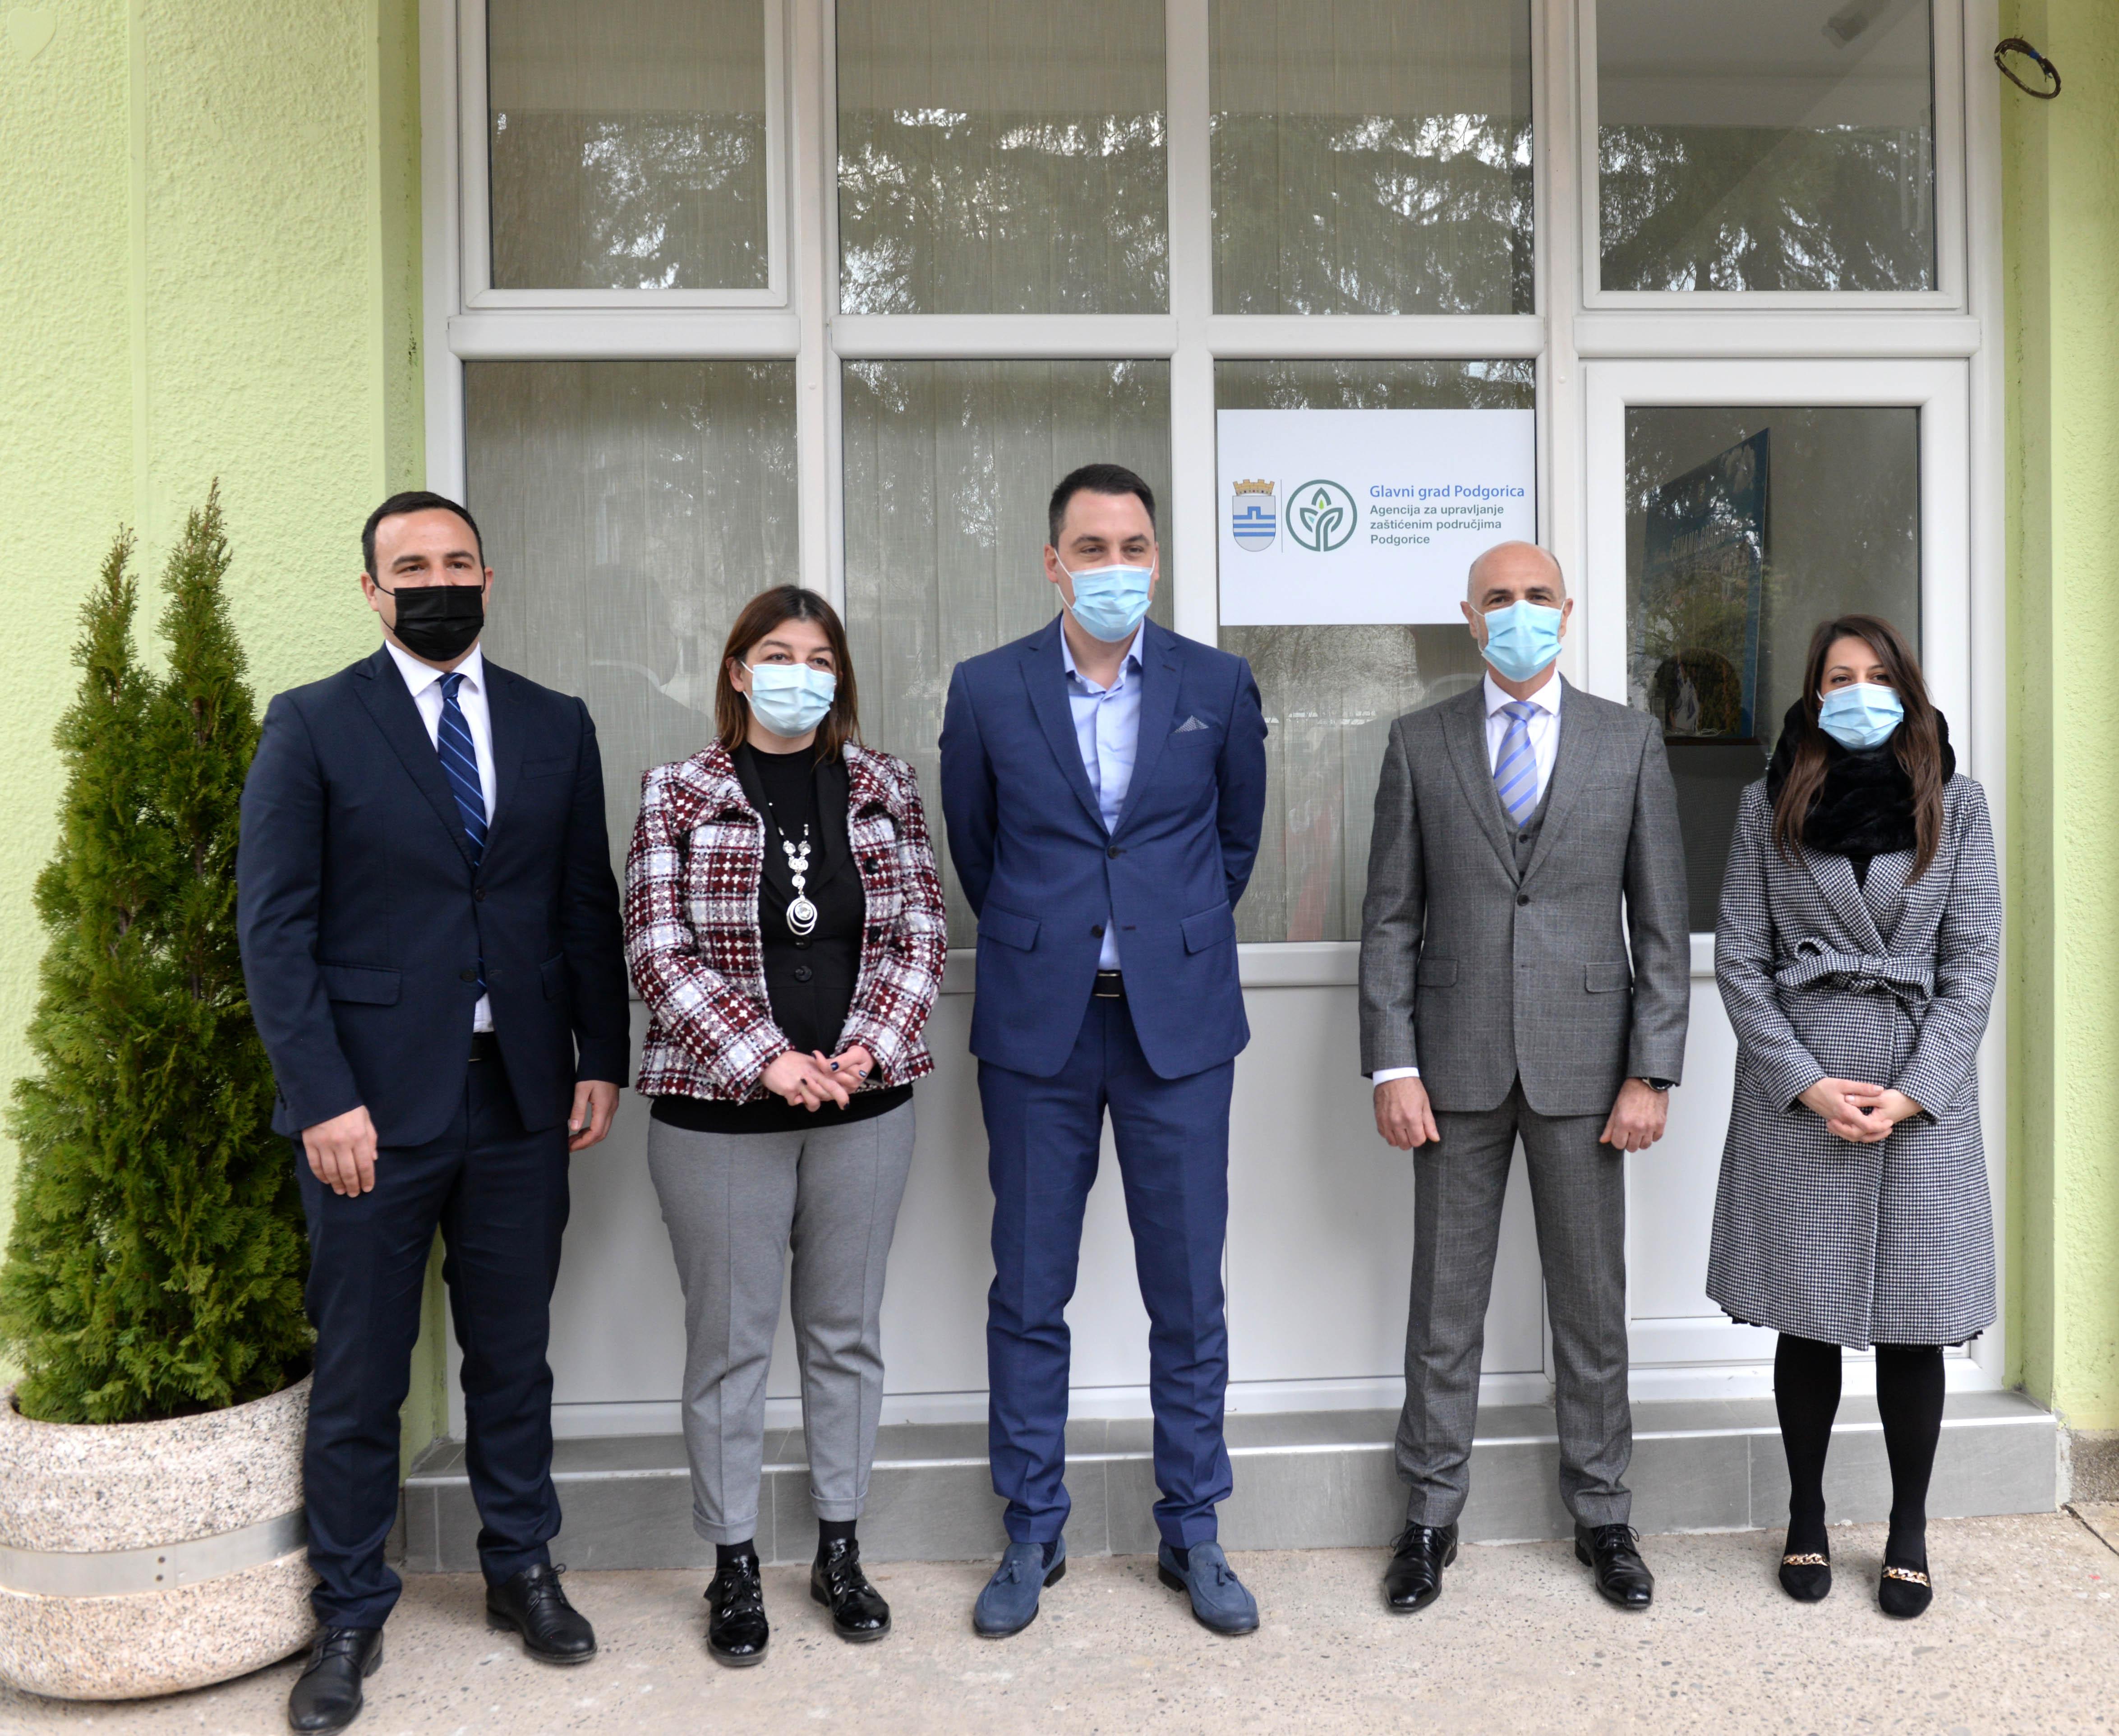 Gradonačelnik Vuković obišao Agenciju za upravljanje zaštićenim područjima Podgorice; Glavni grad uskoro dobija rendžersku službu